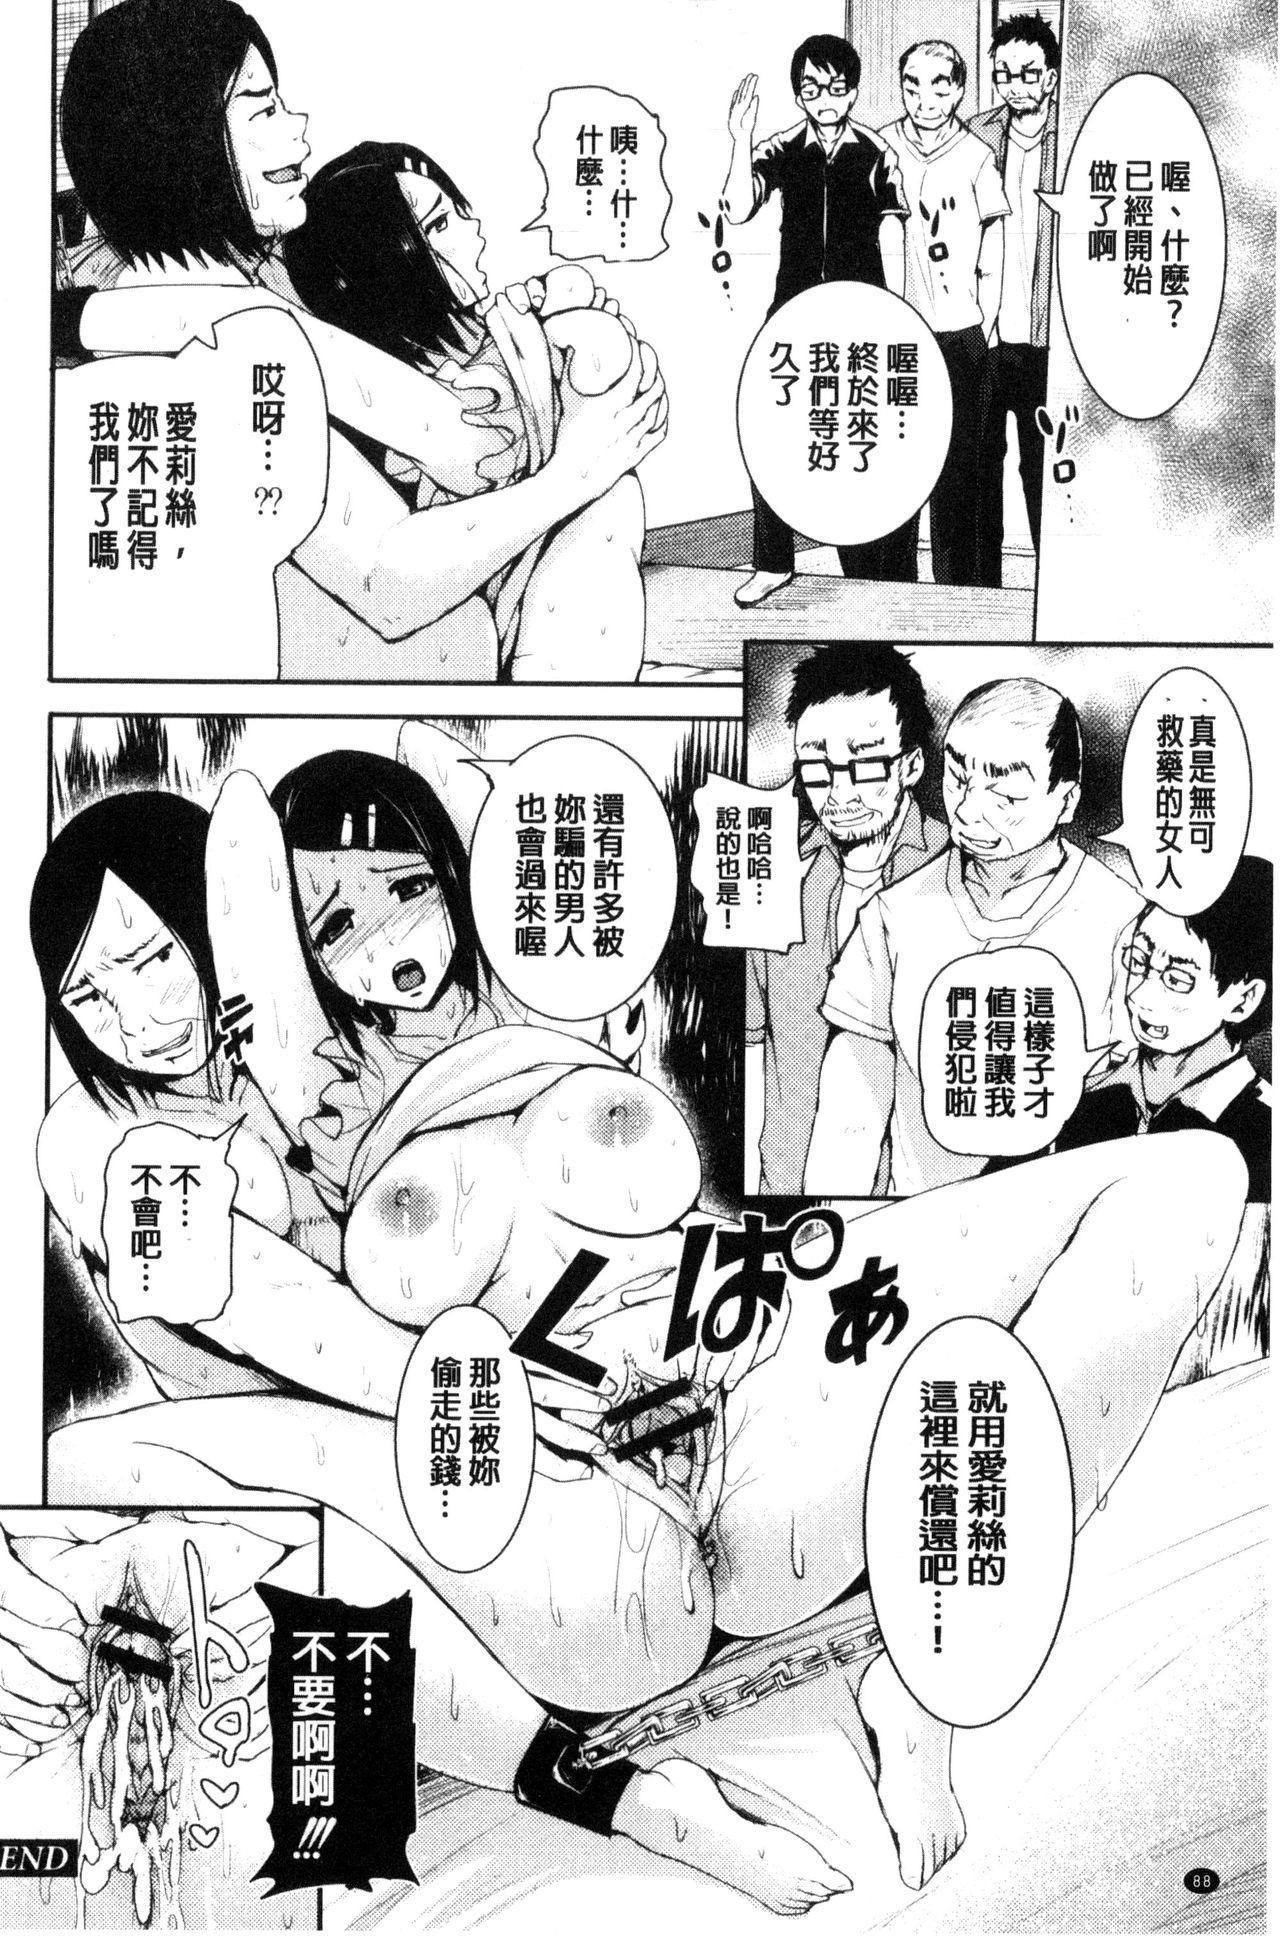 R18 Hatsuiku Shoujo 93